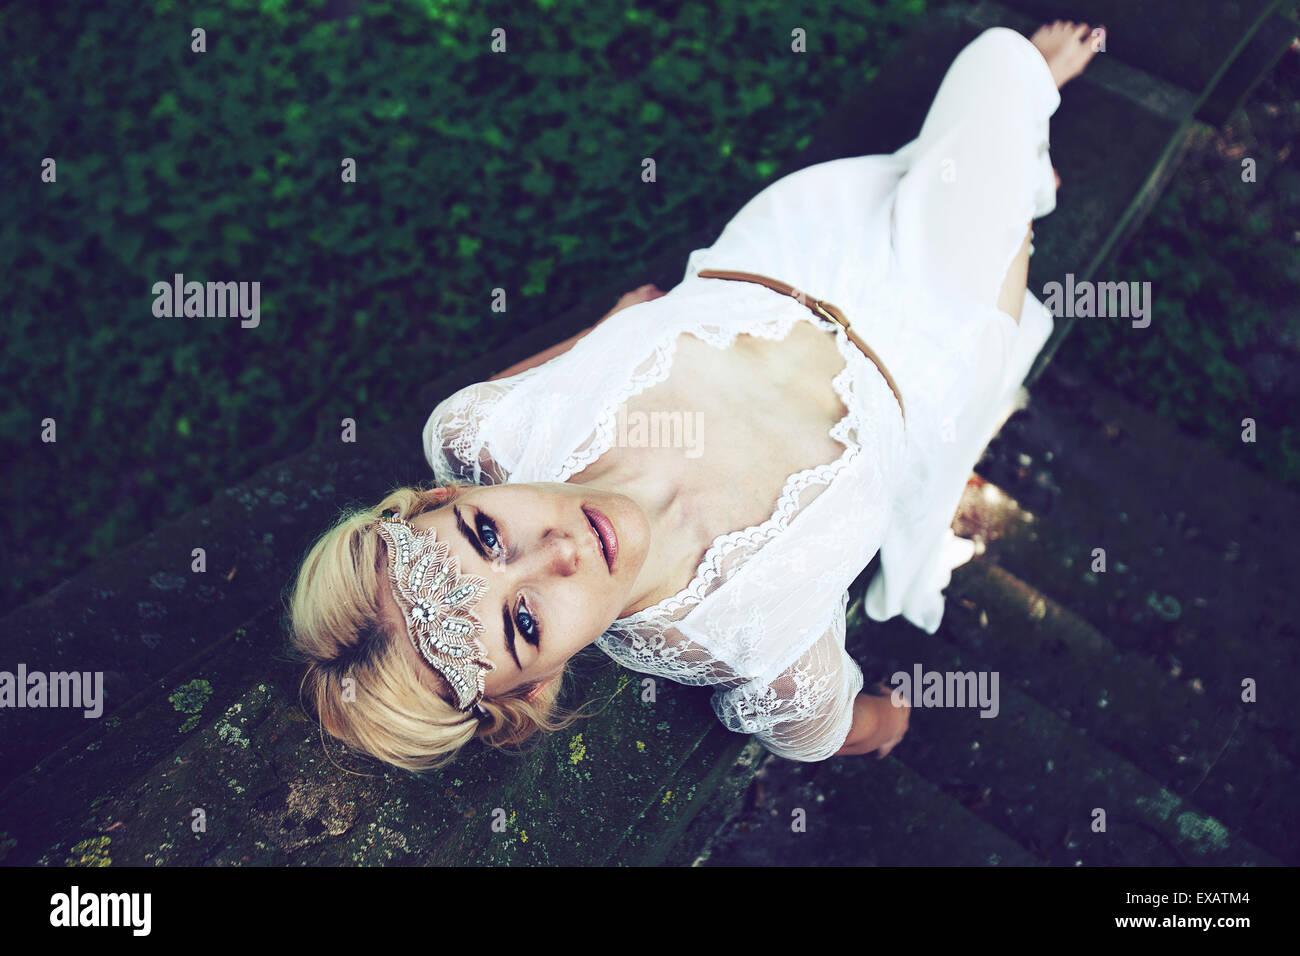 Jeune femme se trouve en haut des escaliers sur robe blanche dans le bois Photo Stock